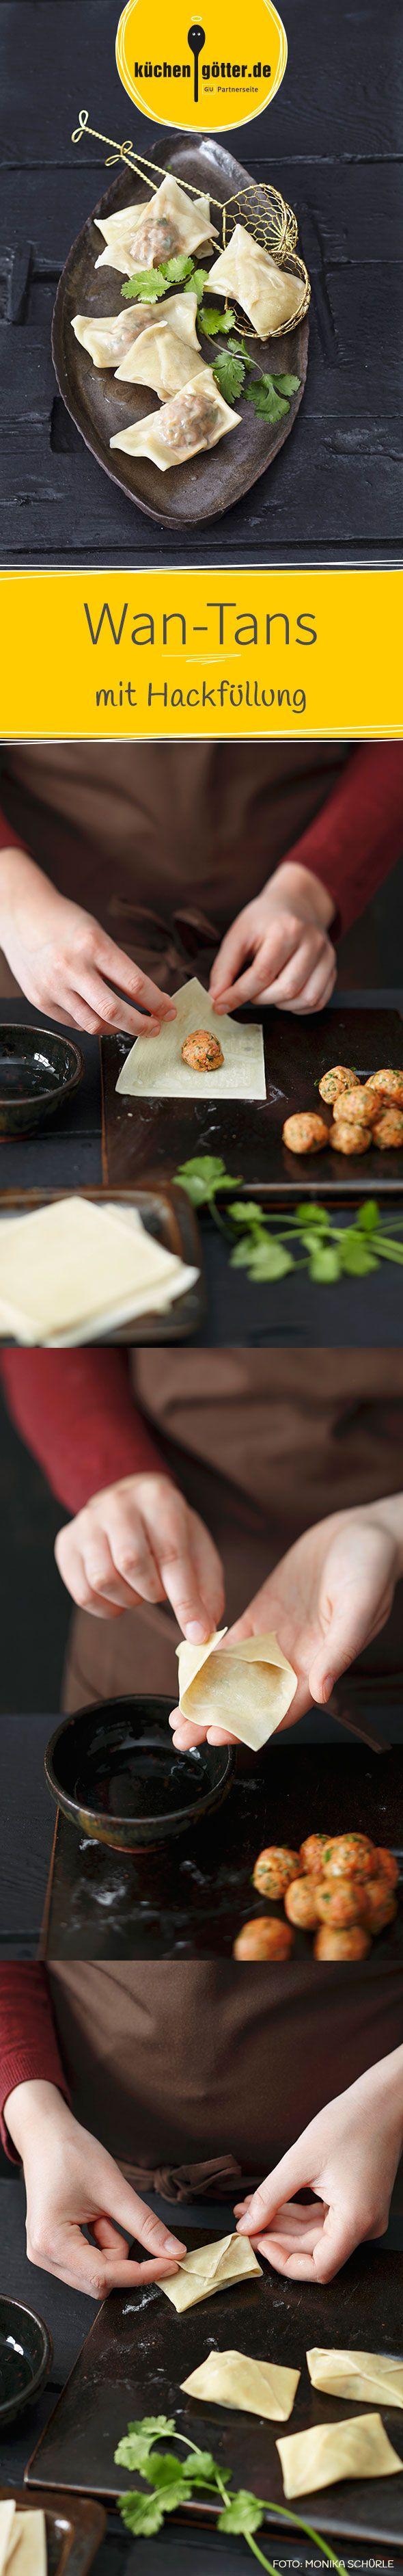 Die Chinesen lieben ihre Wan-Tans mit verschiedenen Füllungen. Bei ihnen wandern sie bevorzugt in die Suppe, bei unserem Rezept in den Fonduetopf.